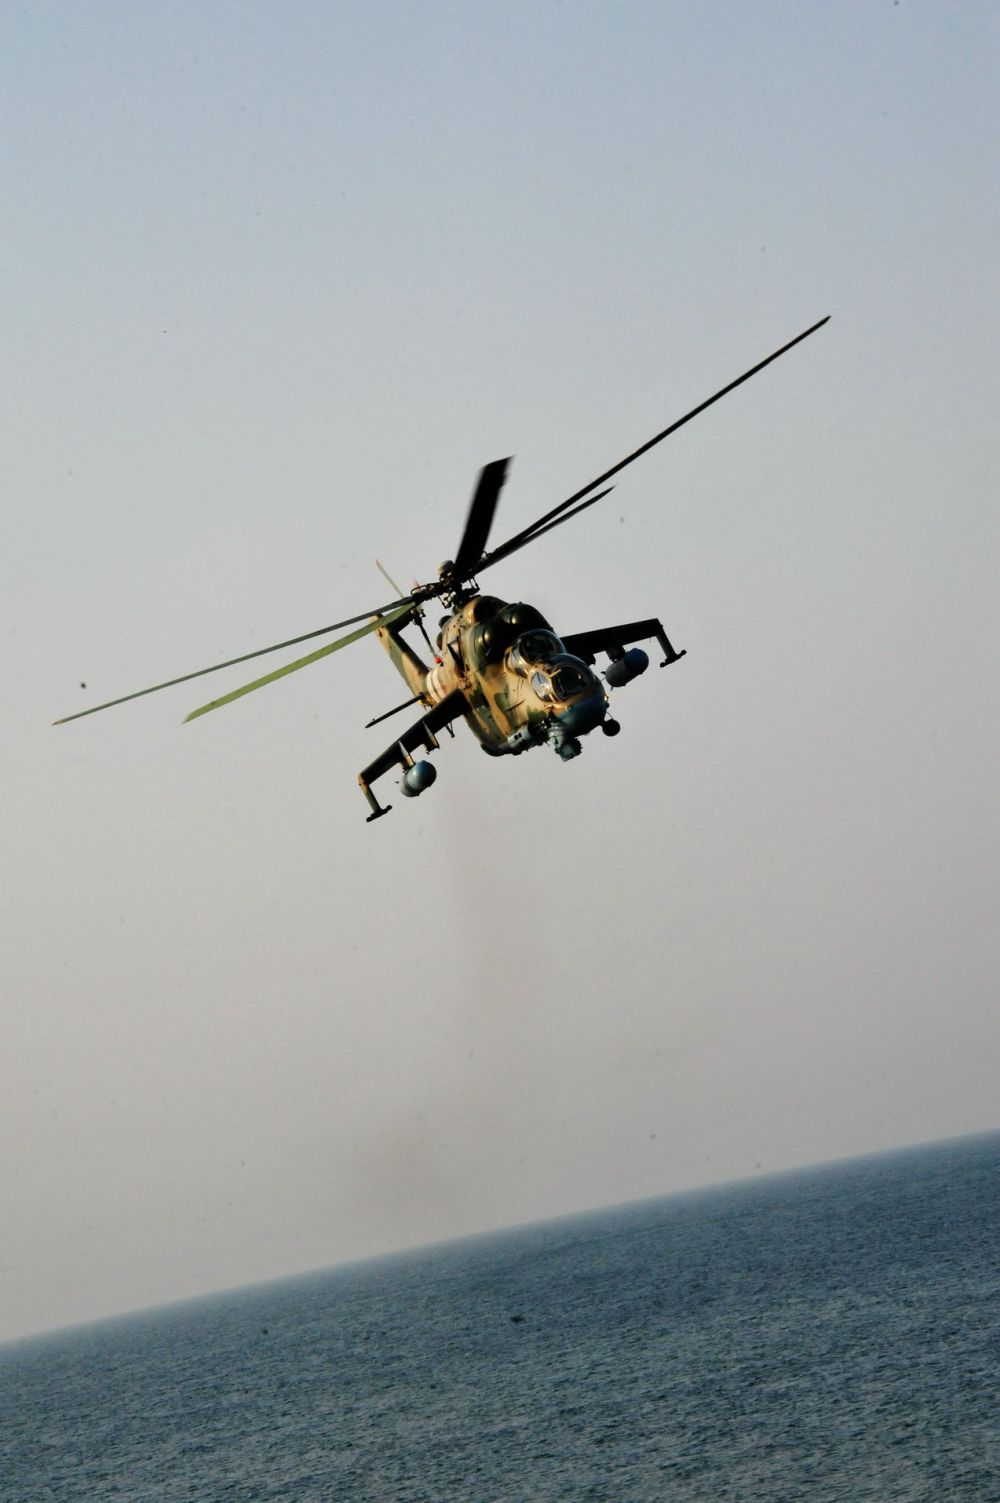 Не часто можно увидеть заграничные вертолеты в нашем воздушном пространстве над Черным морем